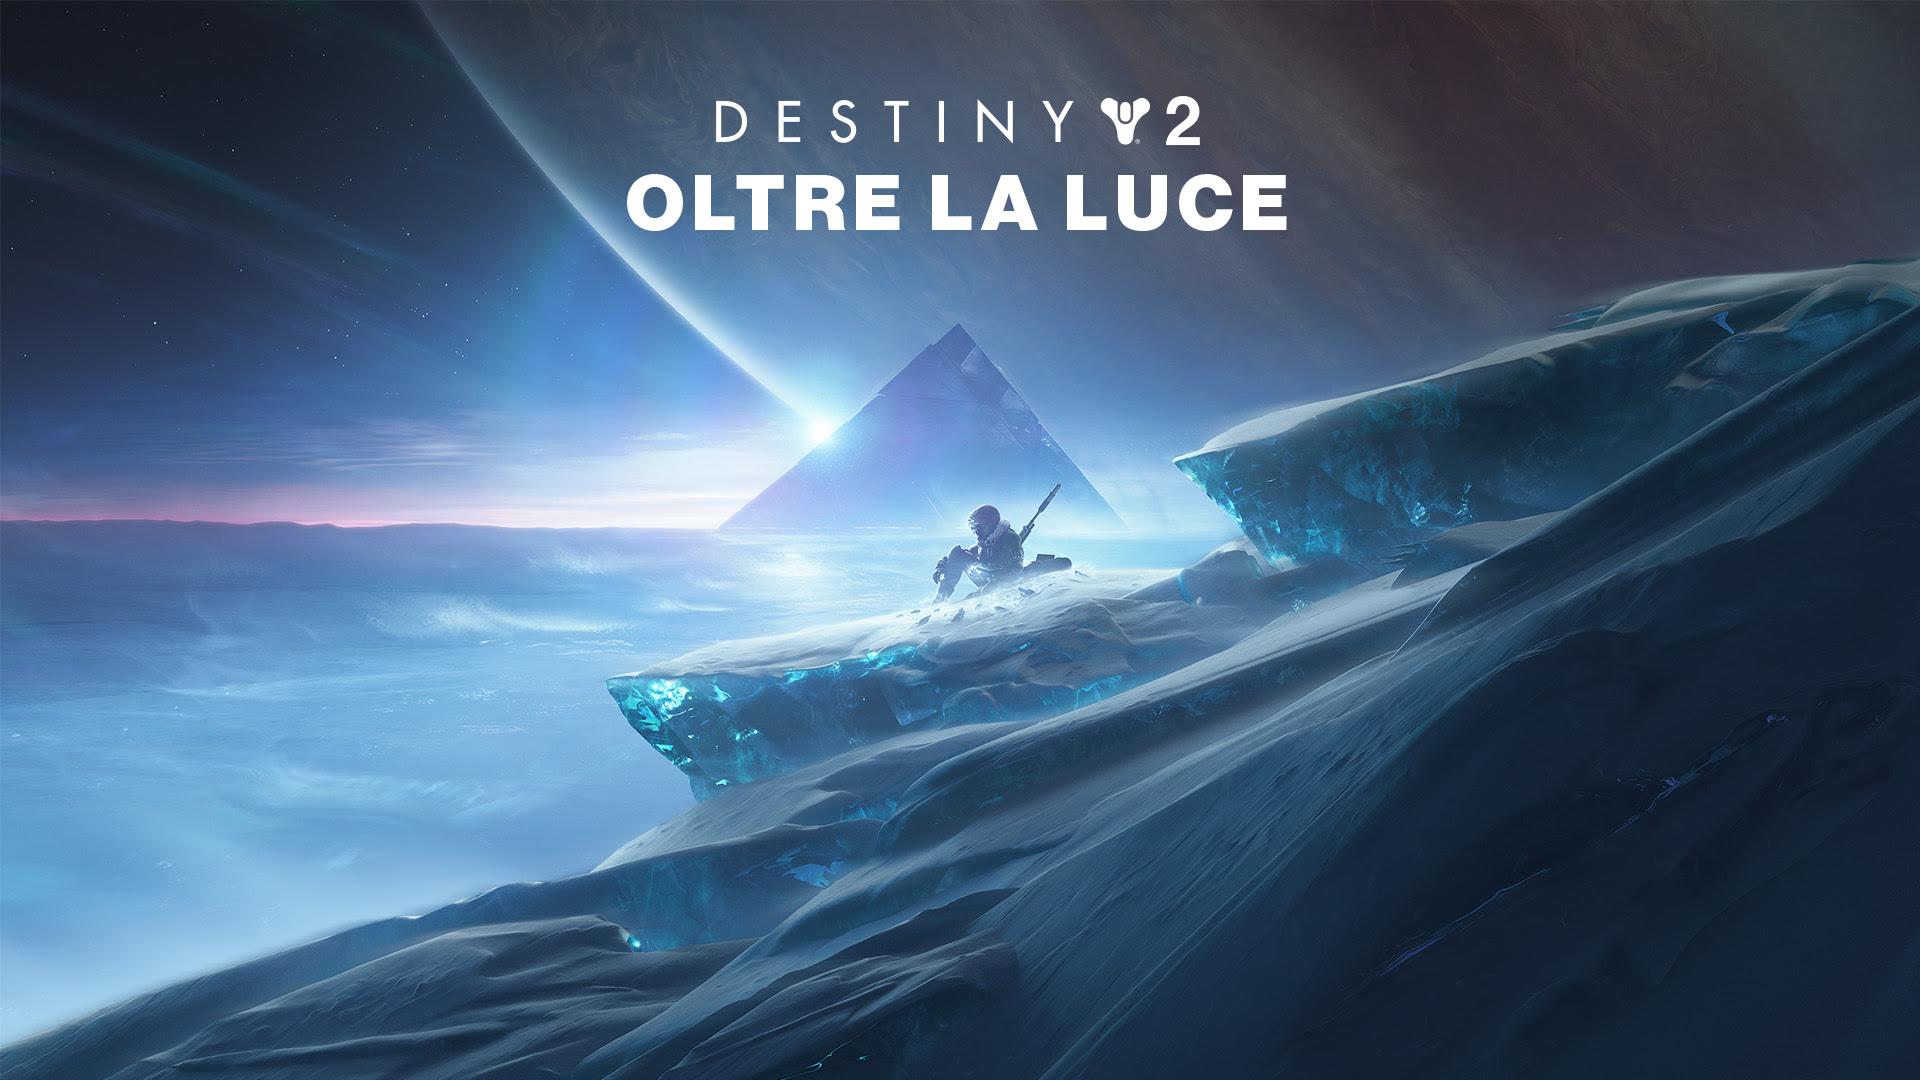 Destiny 2: Oltre la Luce - Accolade Trailer